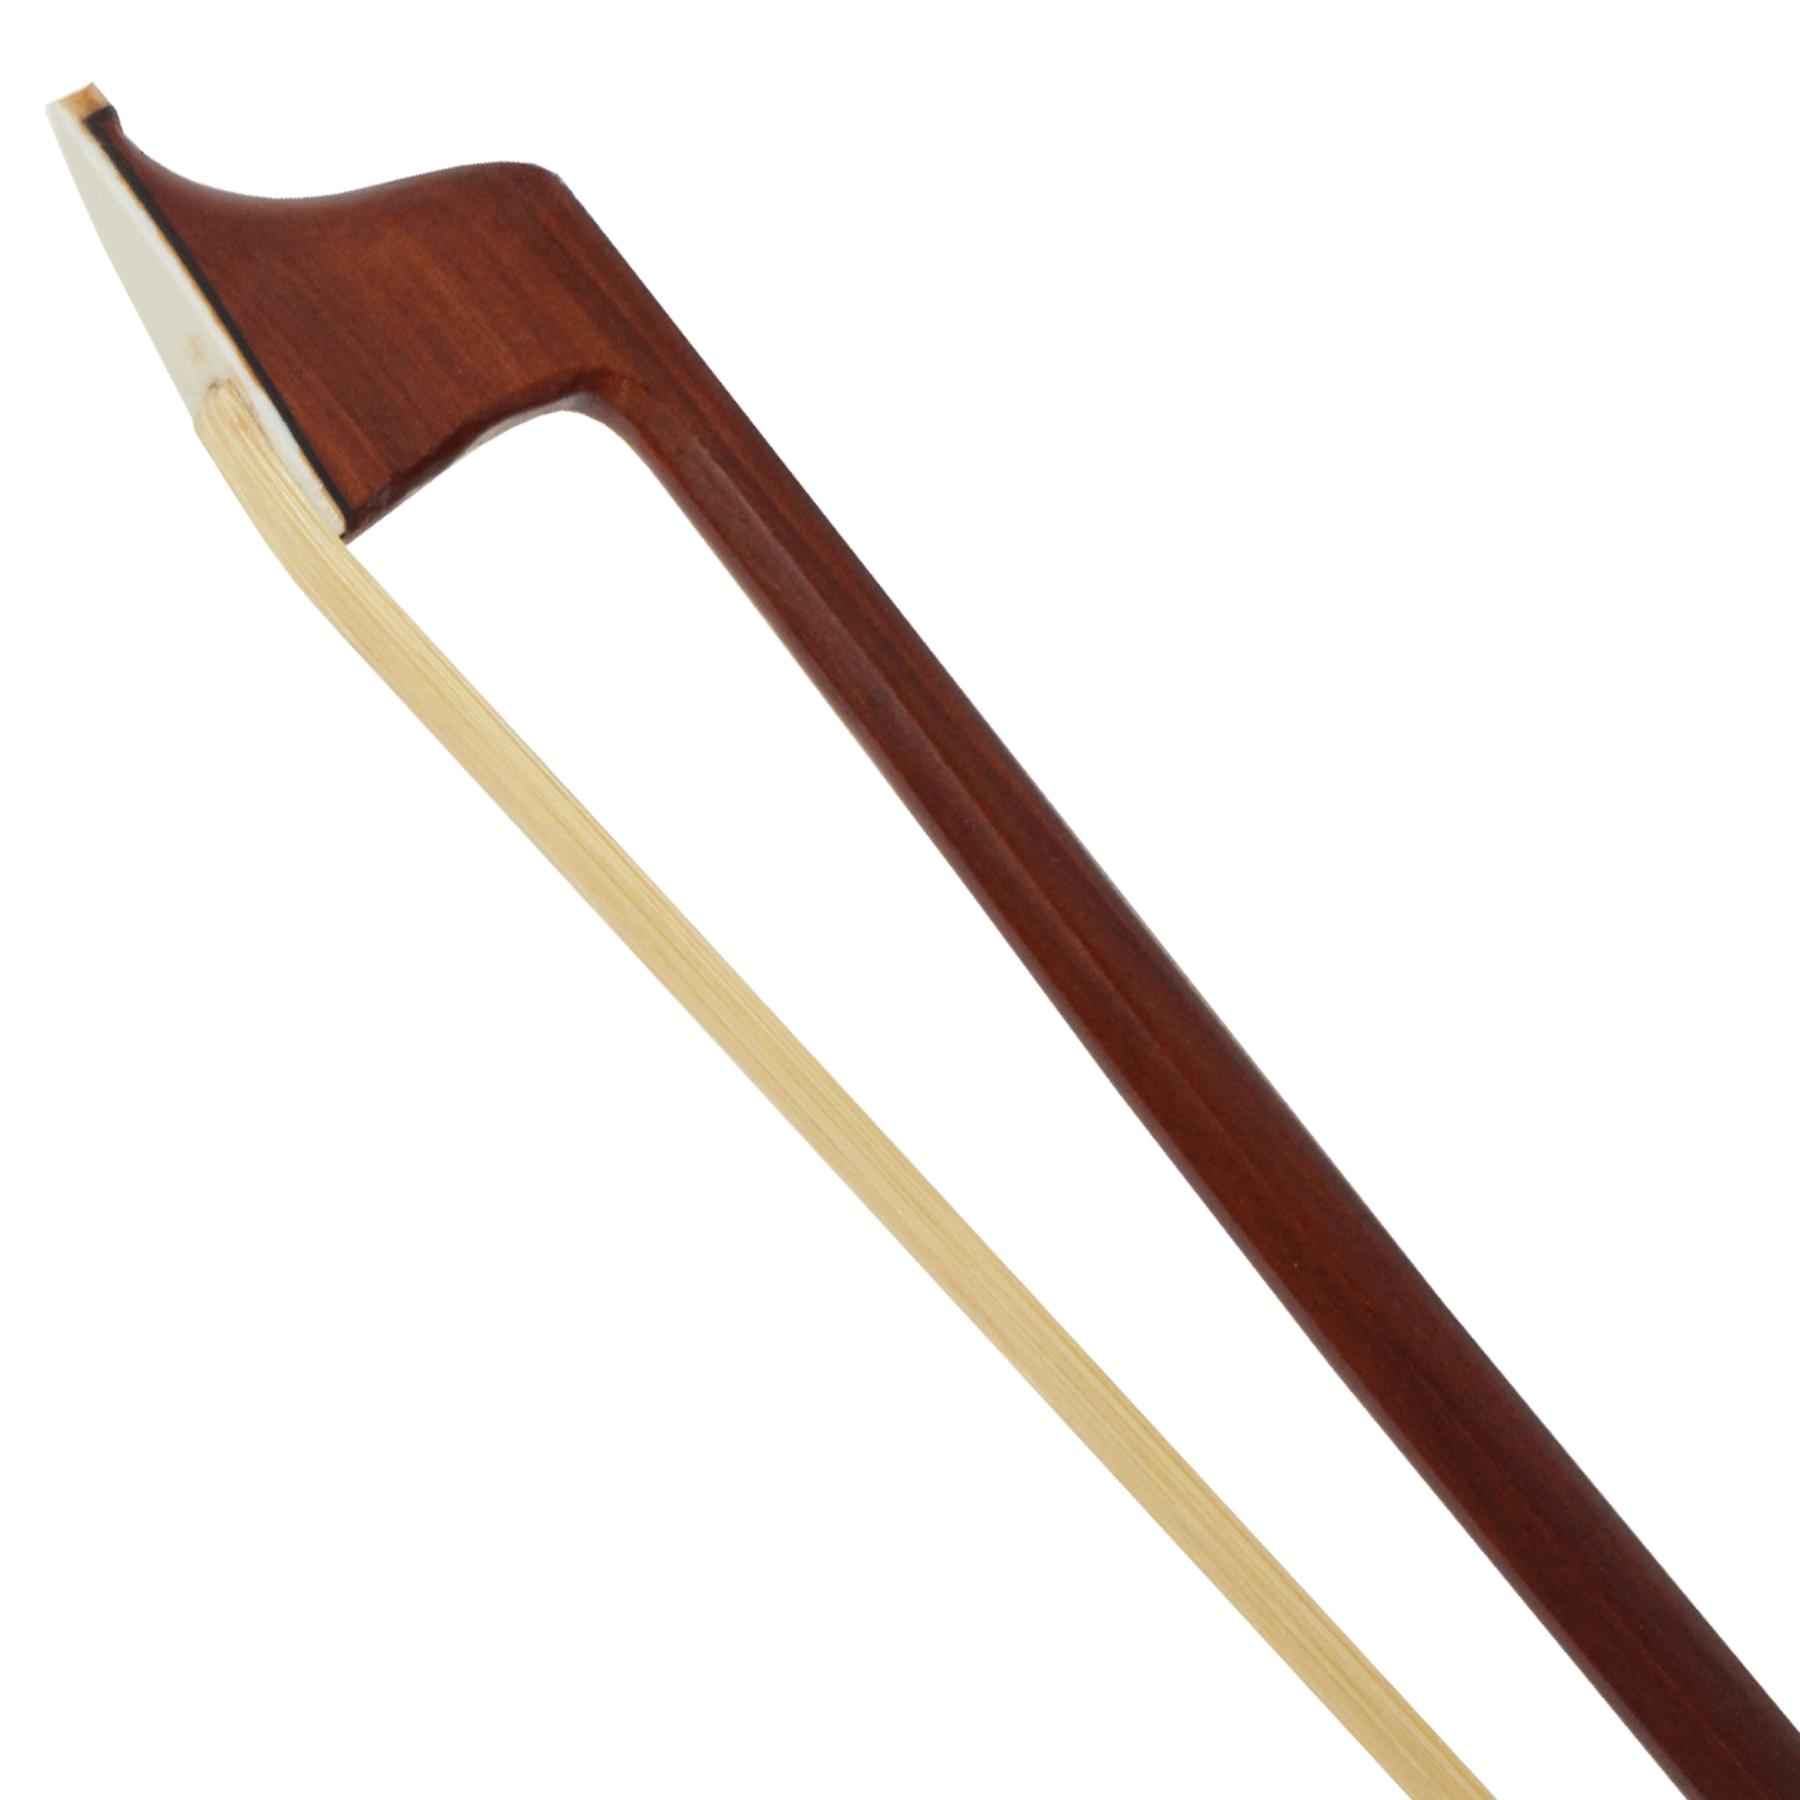 Arco Oitavado Madre Pérola Cello Violoncelo 4/4